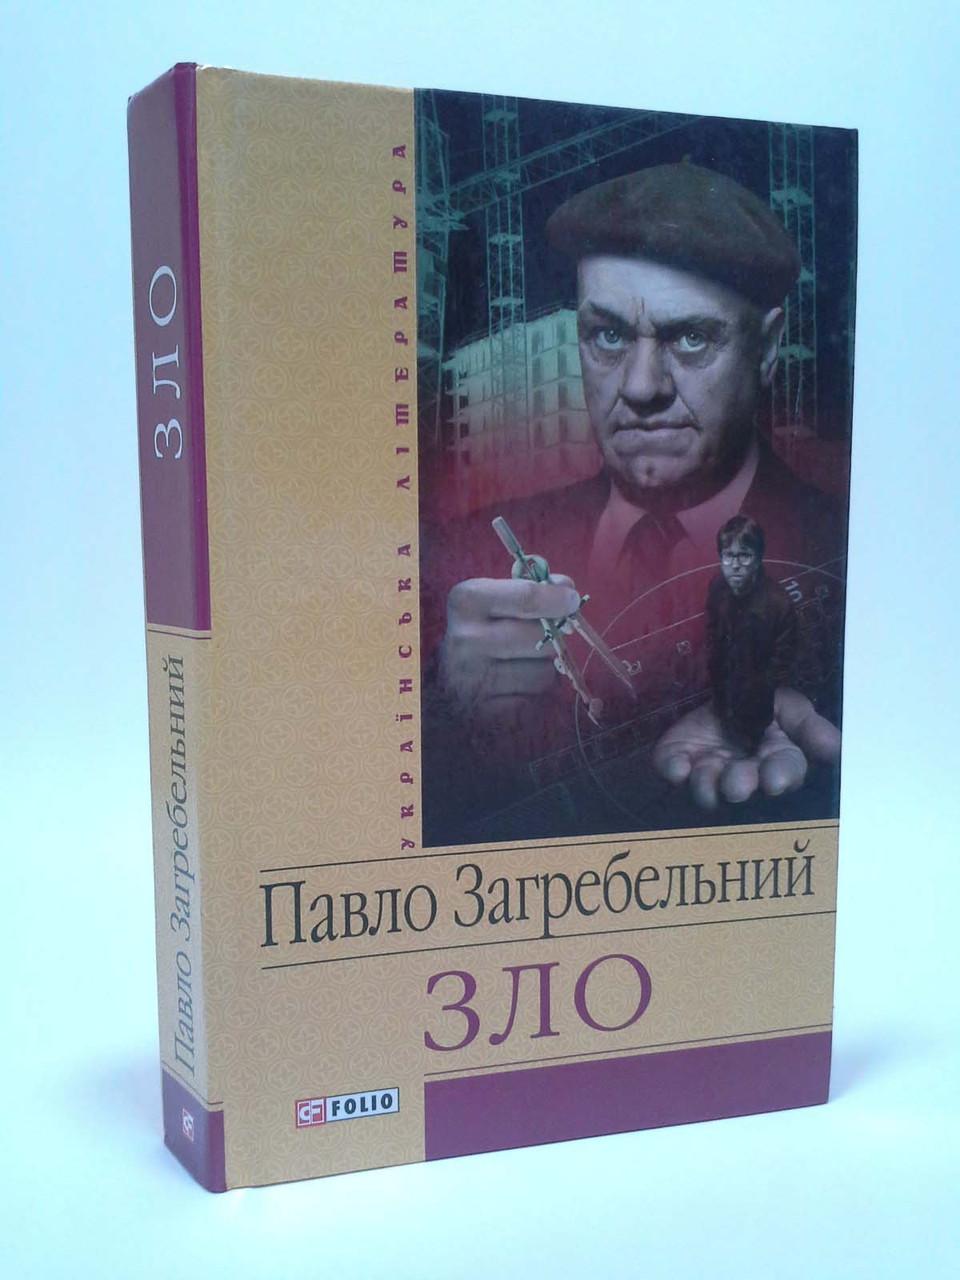 Фоліо Укр література Загребельний Зло